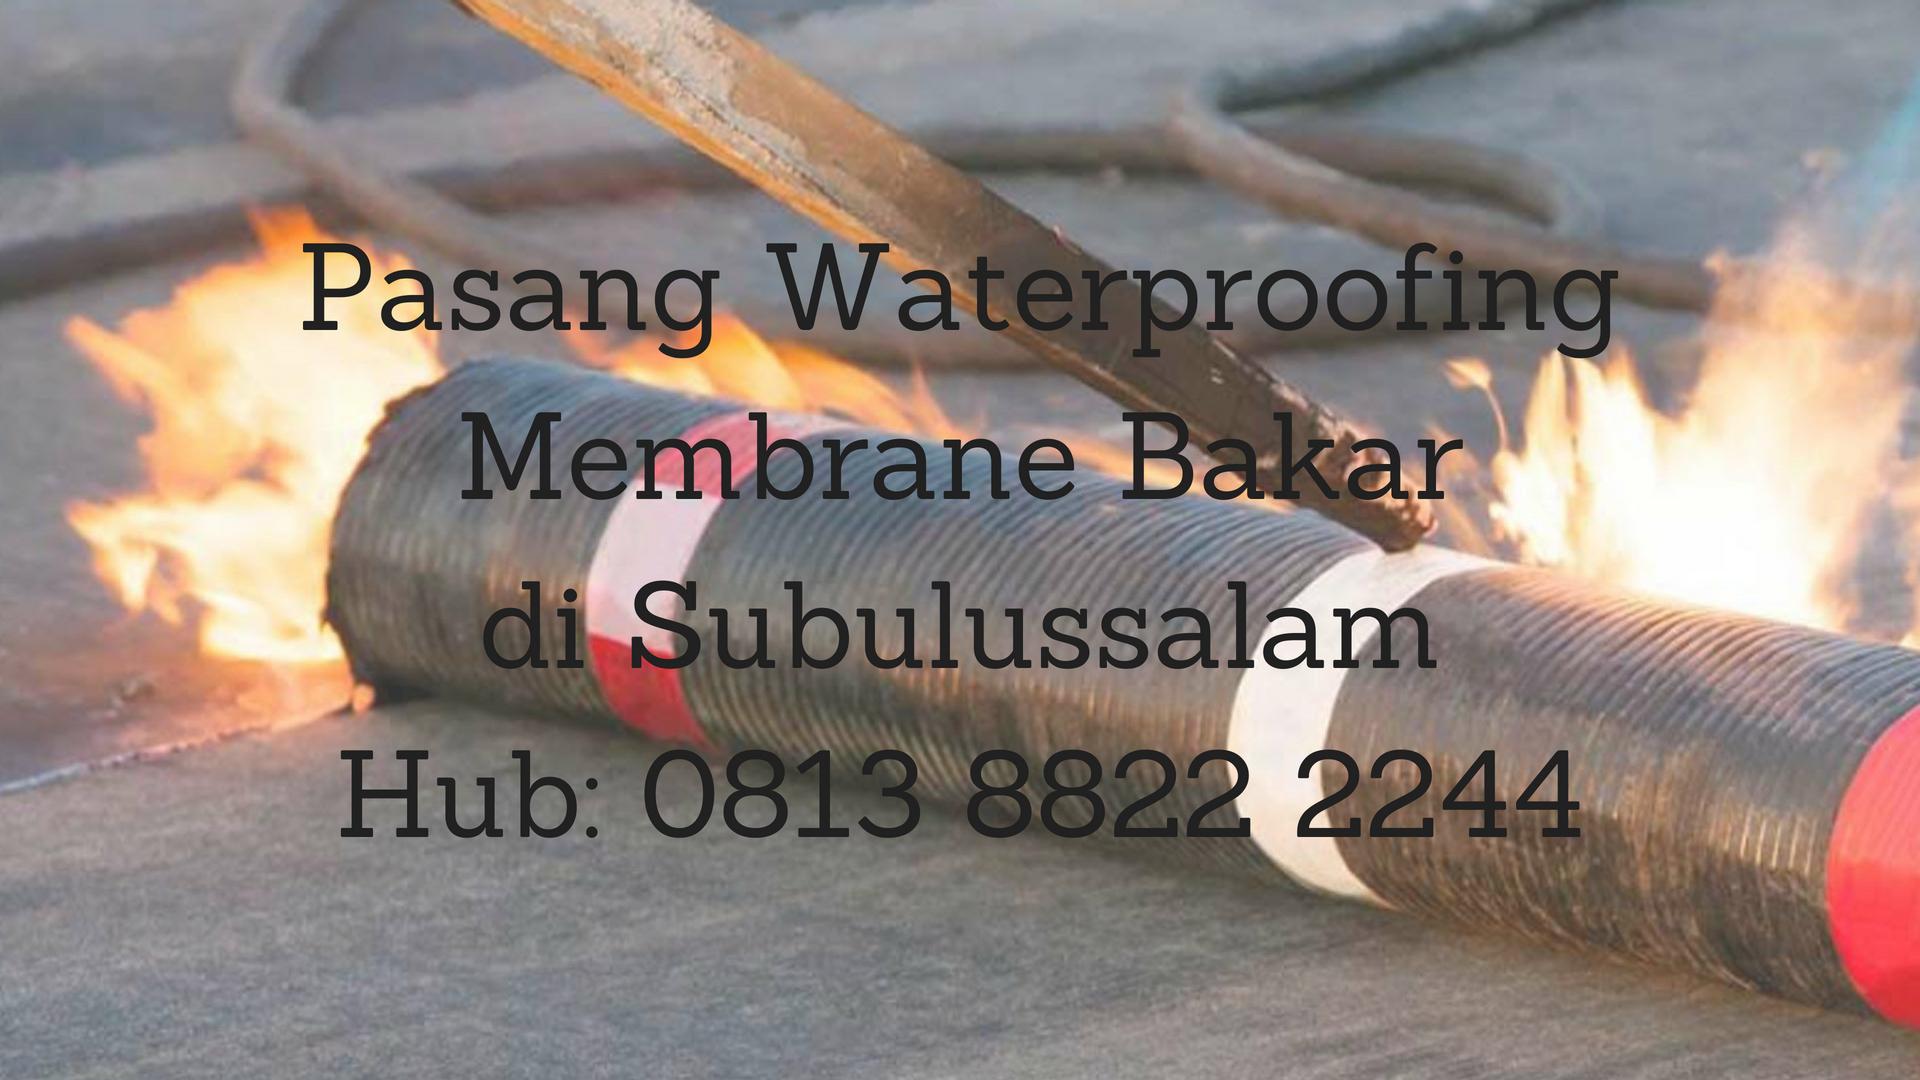 PASANG WATERPROOFING MEMBRANE BAKAR DI SUBULUSALAM.  HUB : 0813 8822 2244